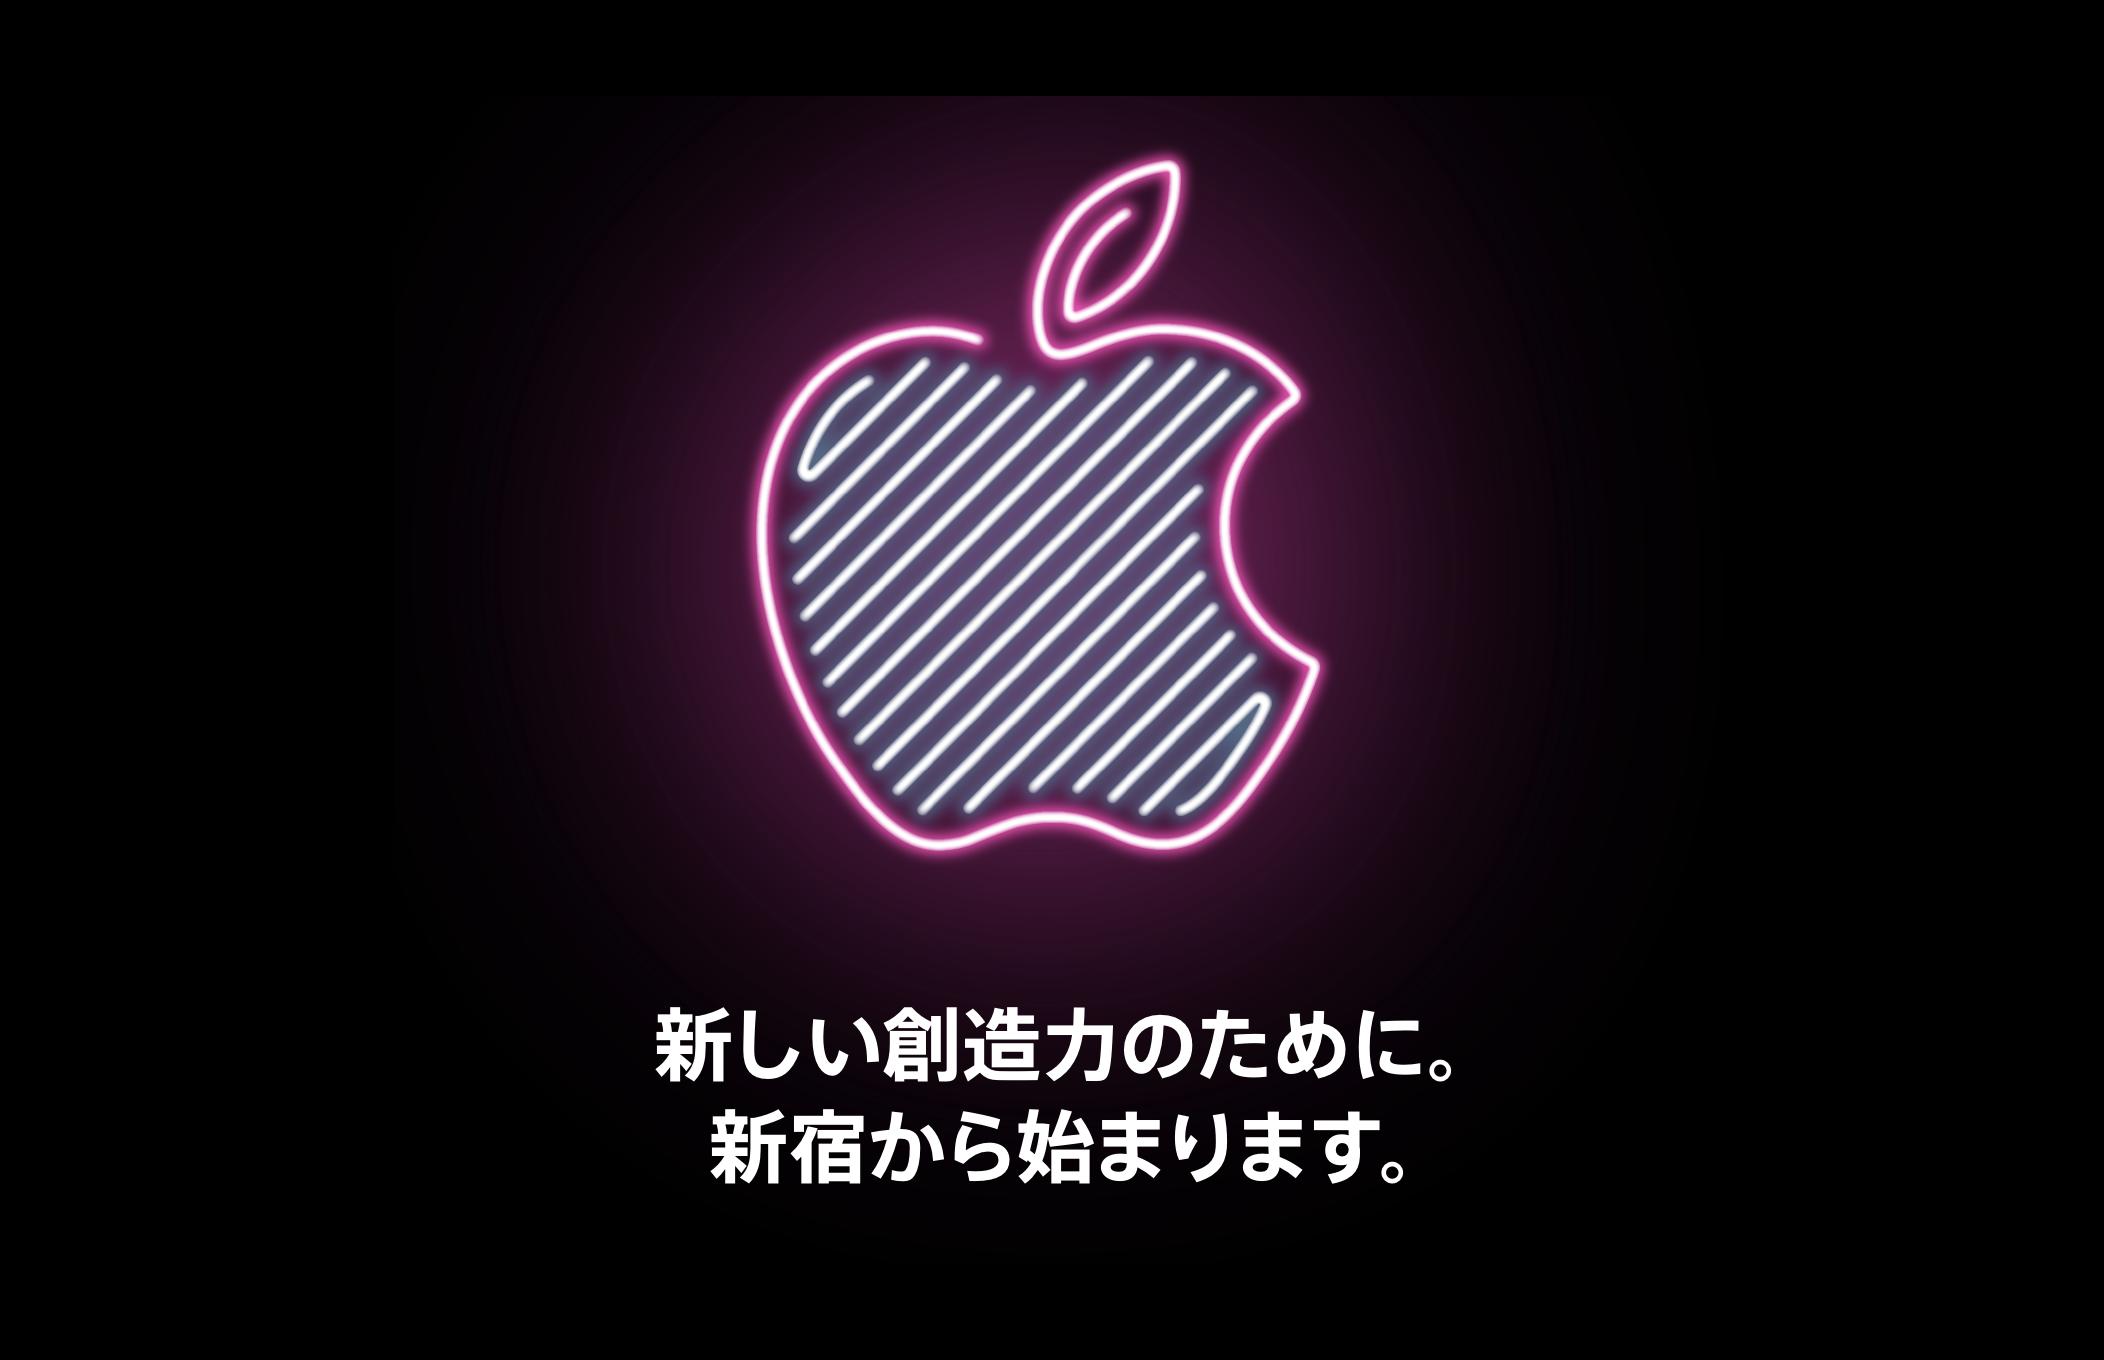 Apple Japan、「Apple 新宿 — あなたのアイデアを光らせよう」と題するCFを公開